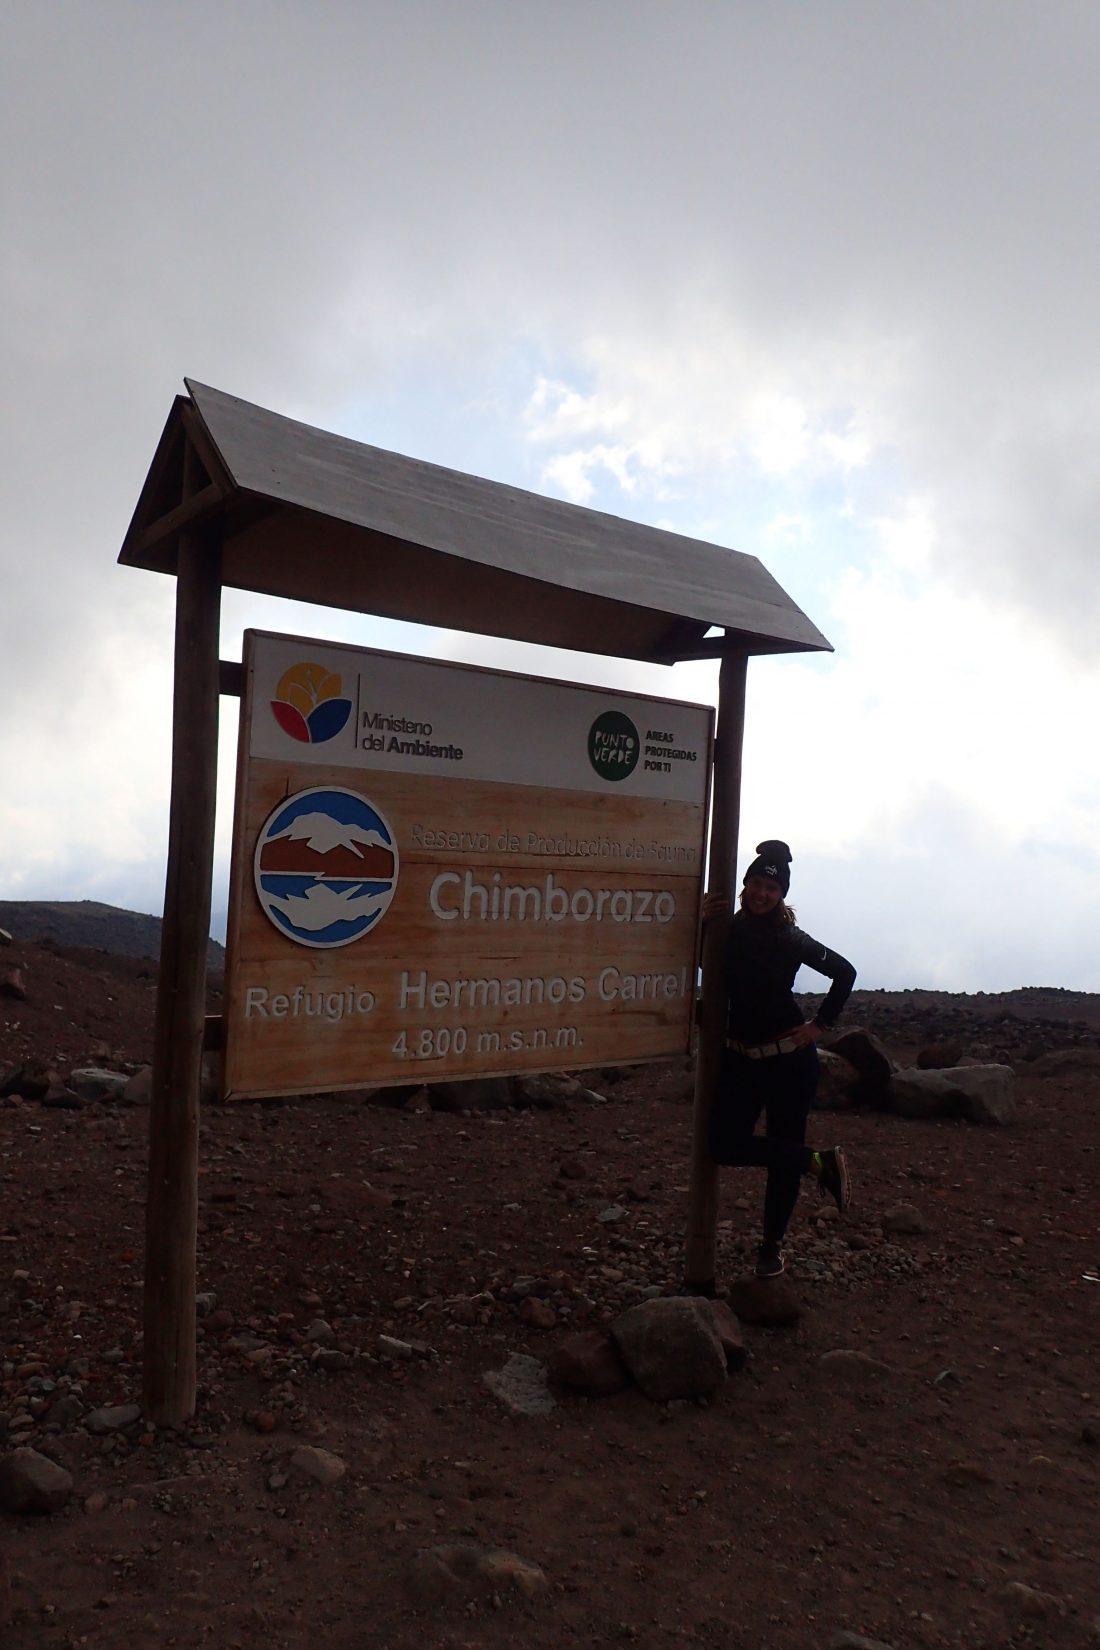 Happy memories ! - Chimborazo - Wanderlotje